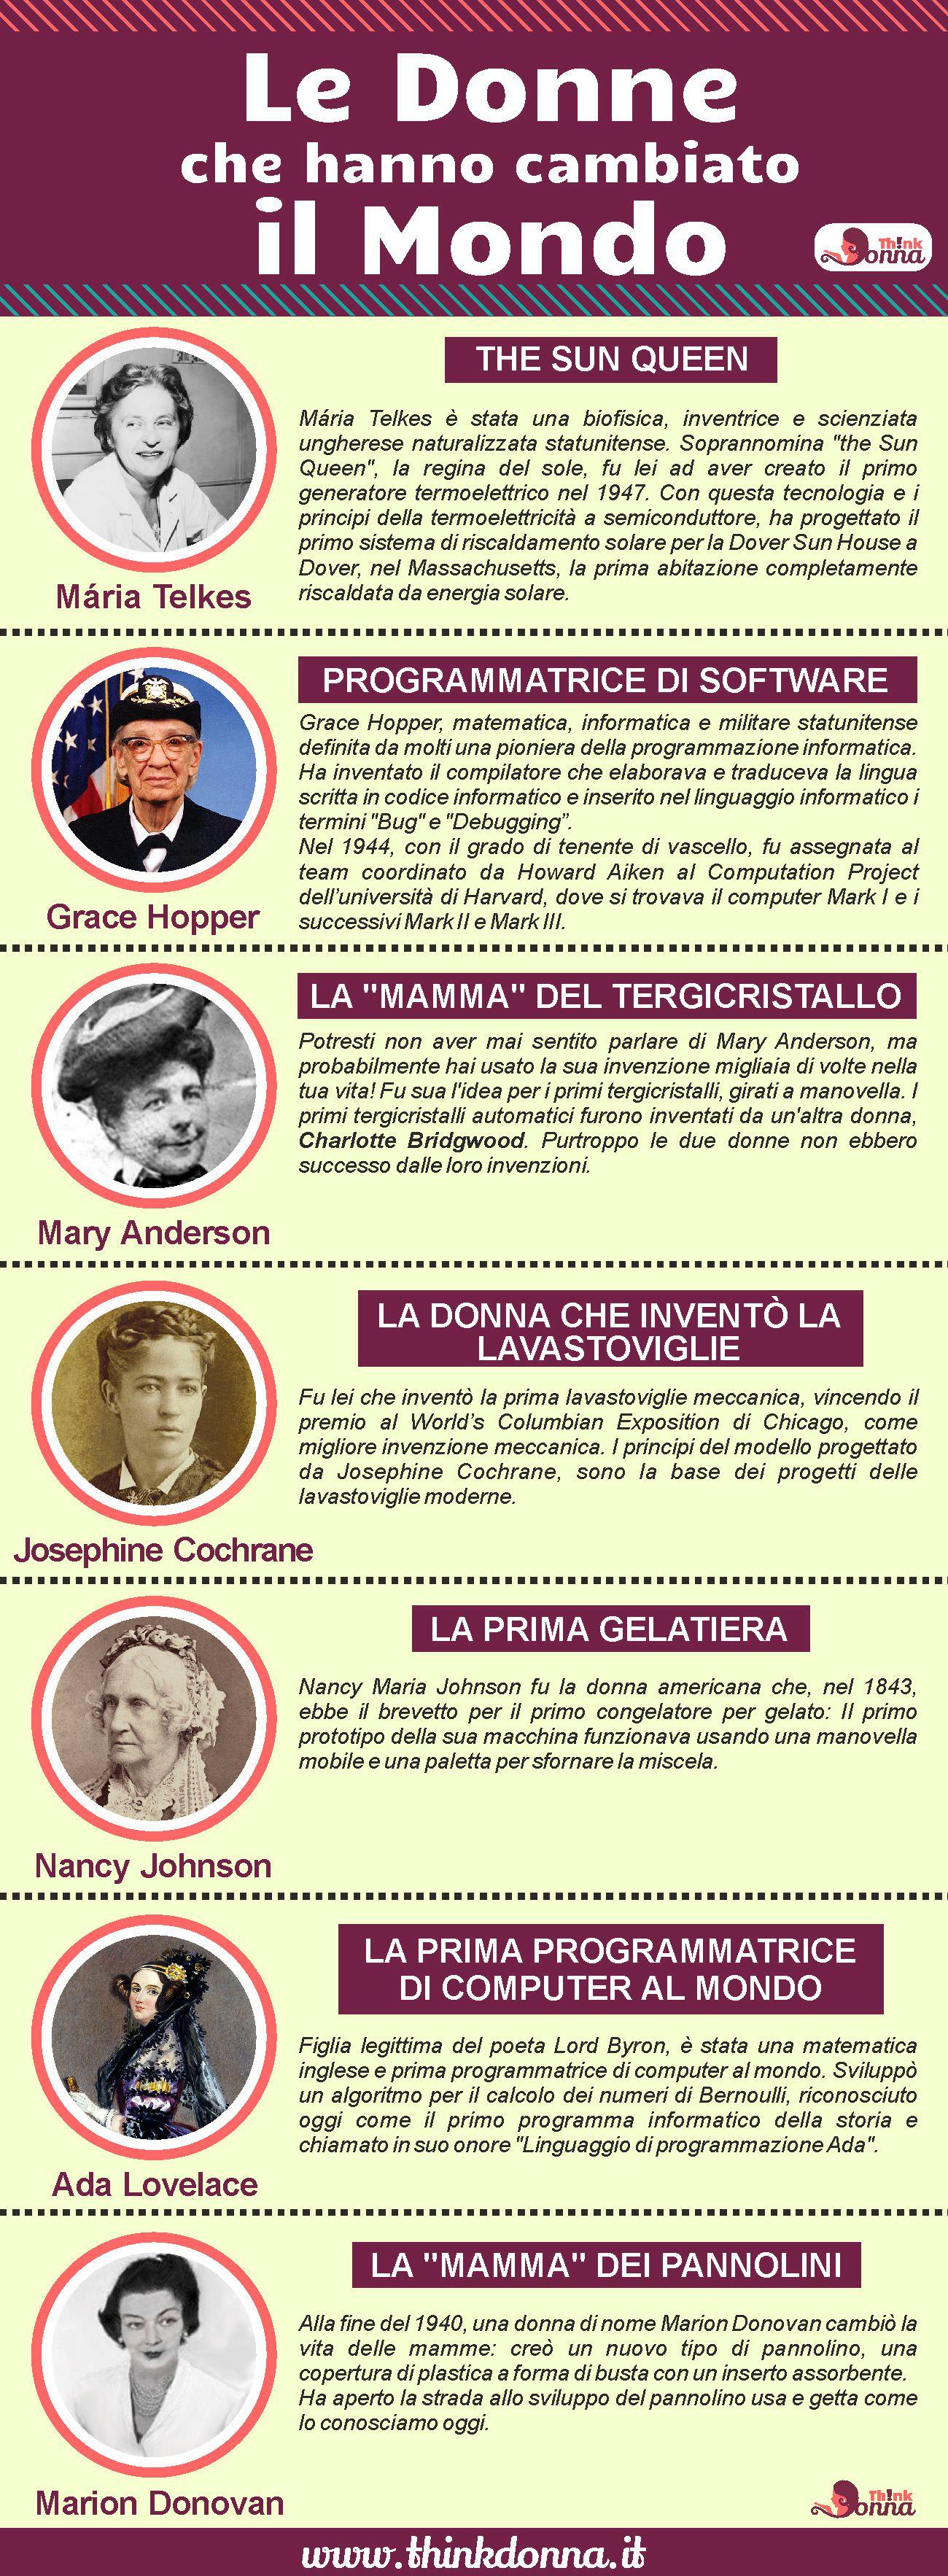 infografica le donne che hanno cambiato il mondo